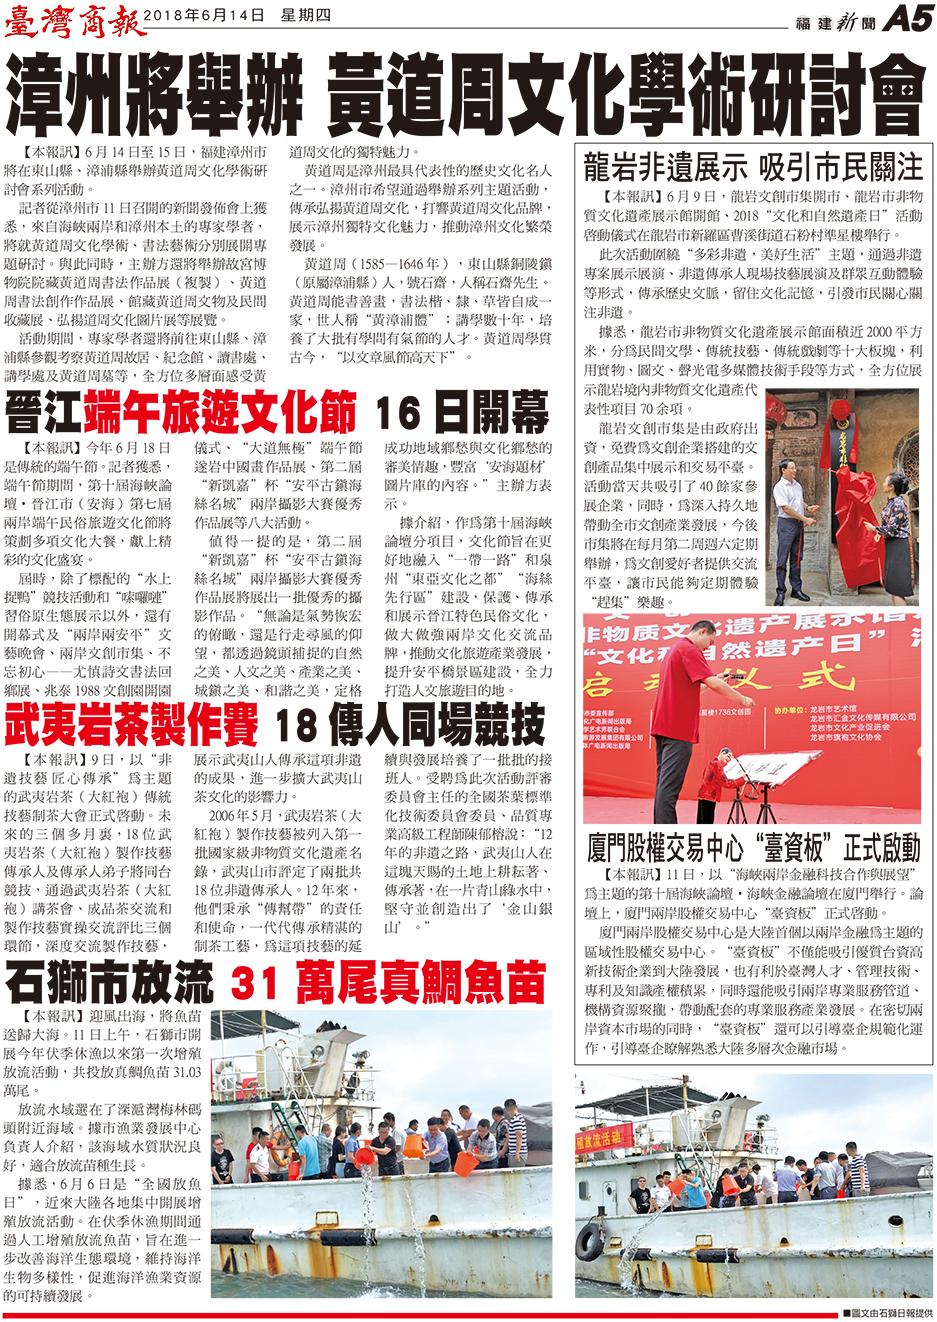 漳州將舉辦 黃道周文化學術研討會